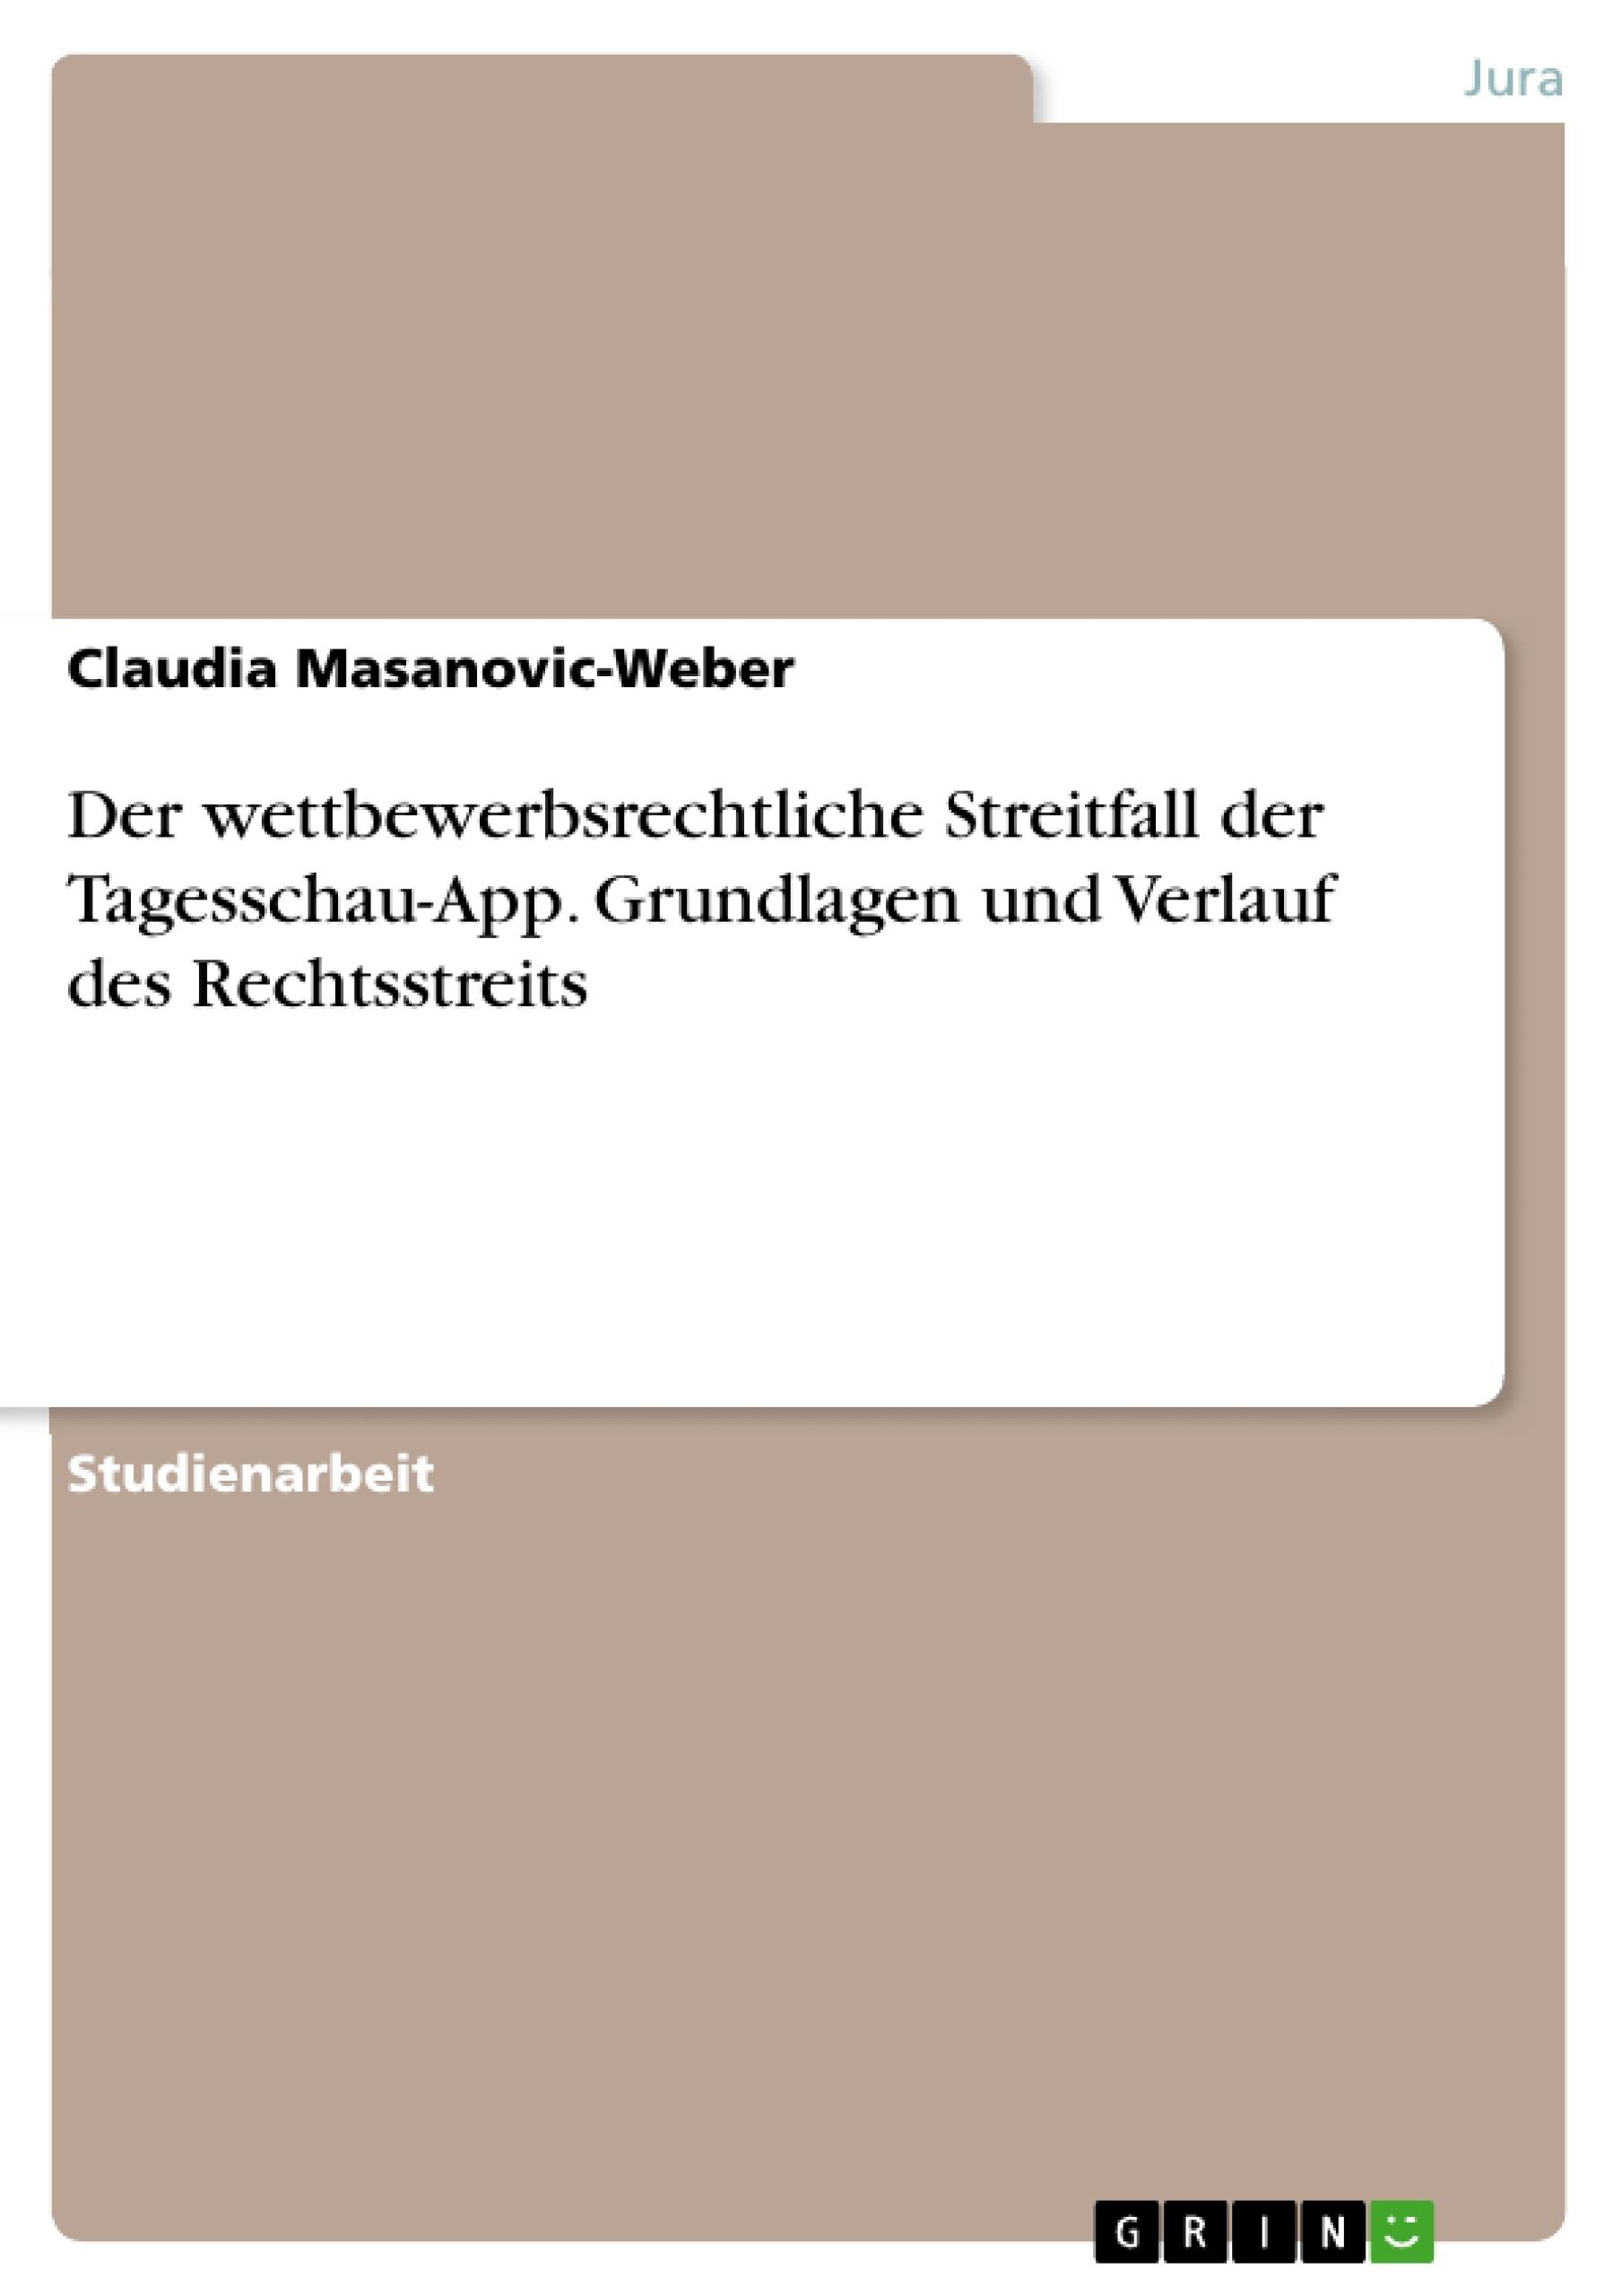 Titel: Der wettbewerbsrechtliche Streitfall der Tagesschau-App. Grundlagen und Verlauf des Rechtsstreits